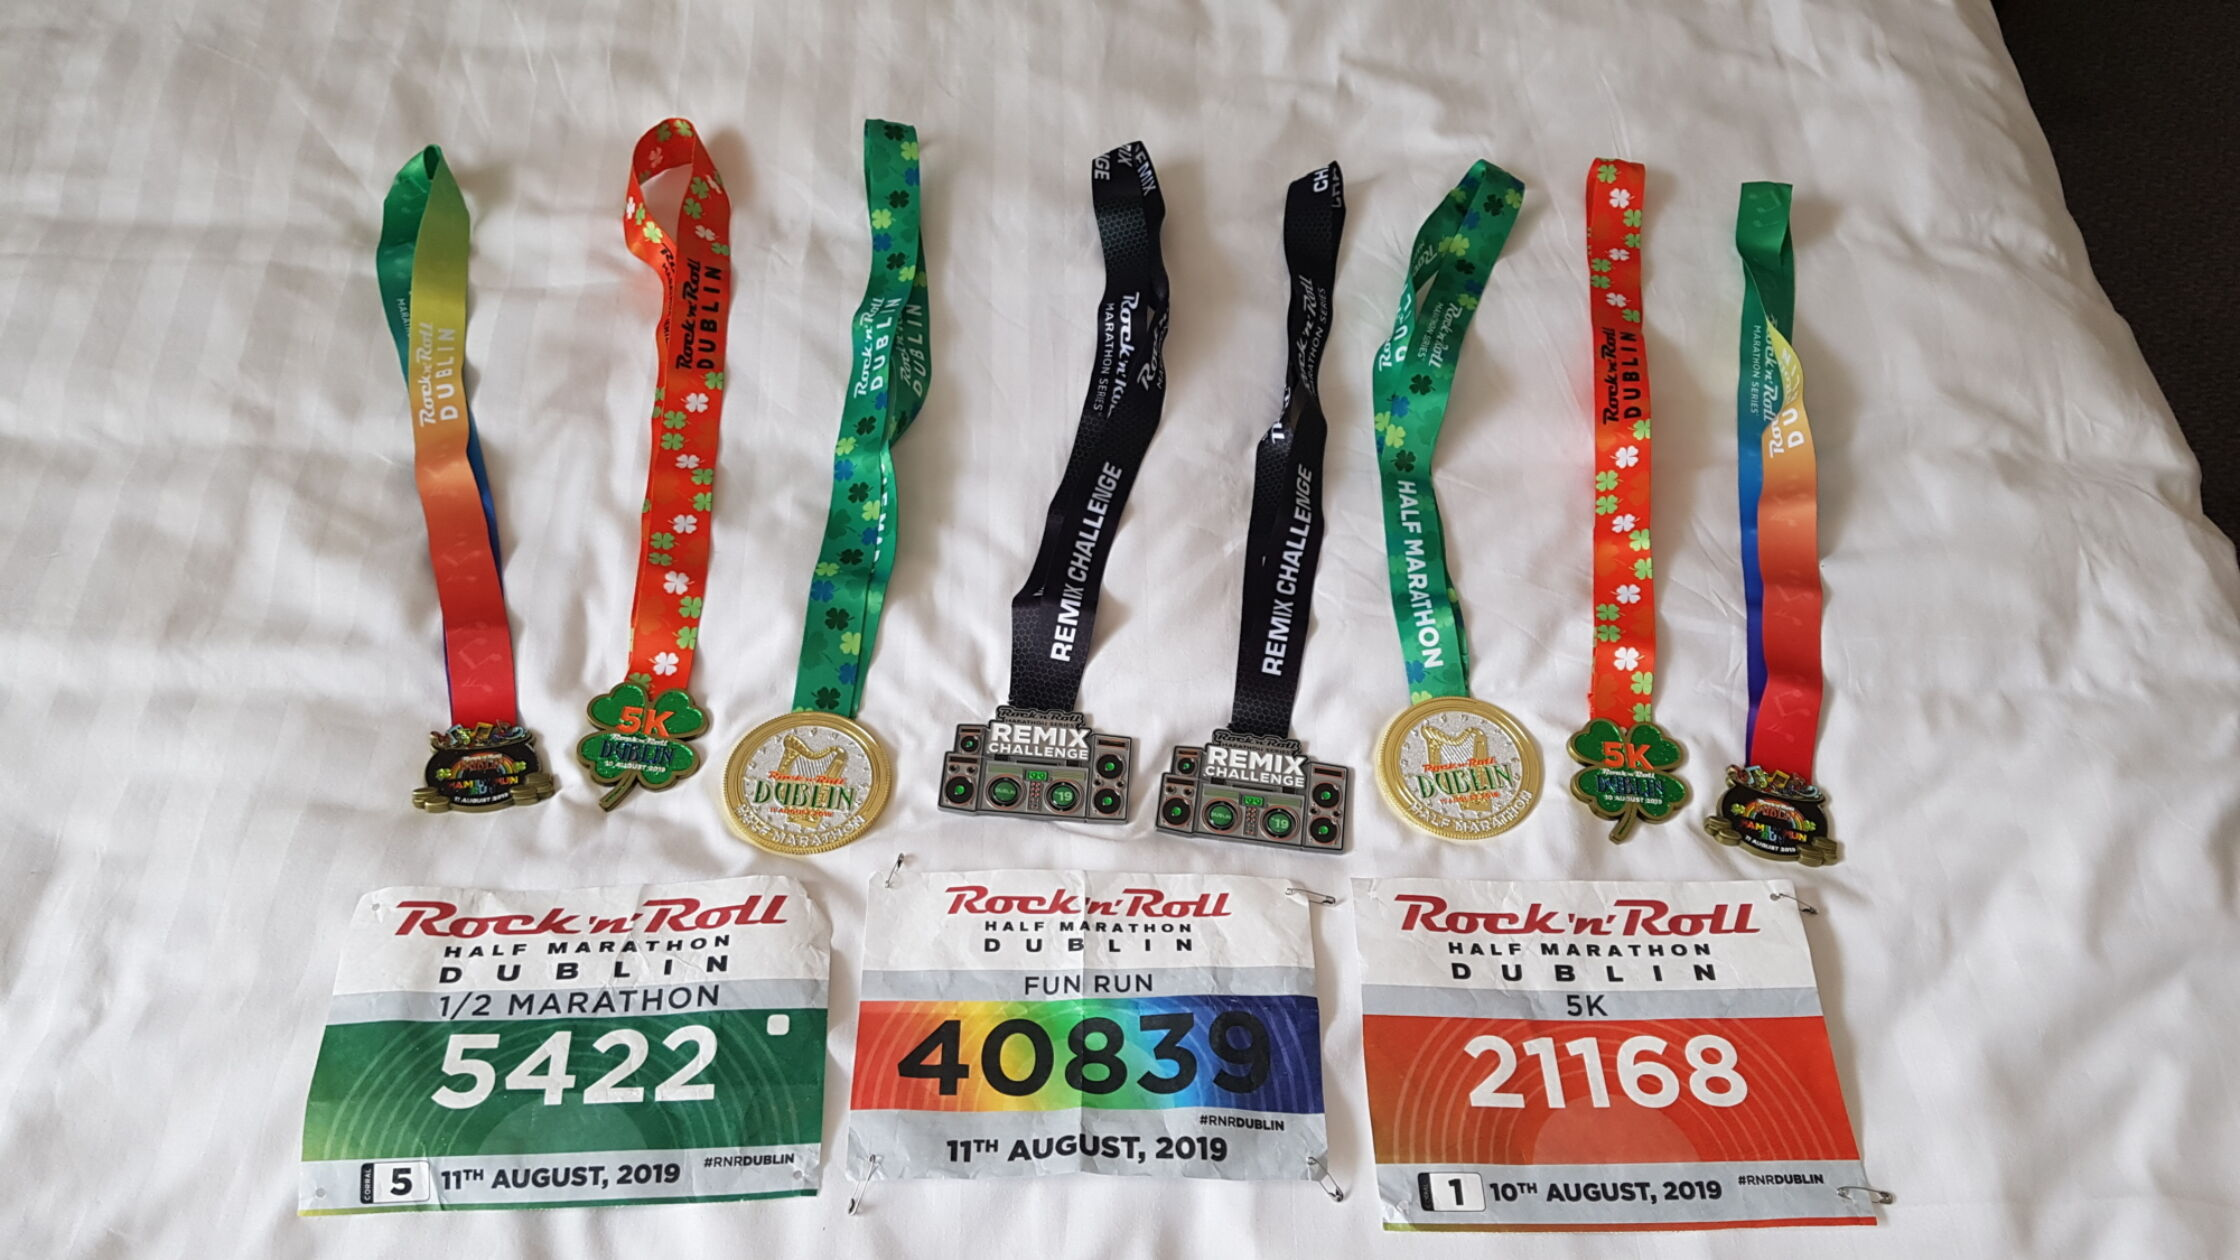 Medailles verzamelen bij de Rock 'n' Roll MarathonSeries